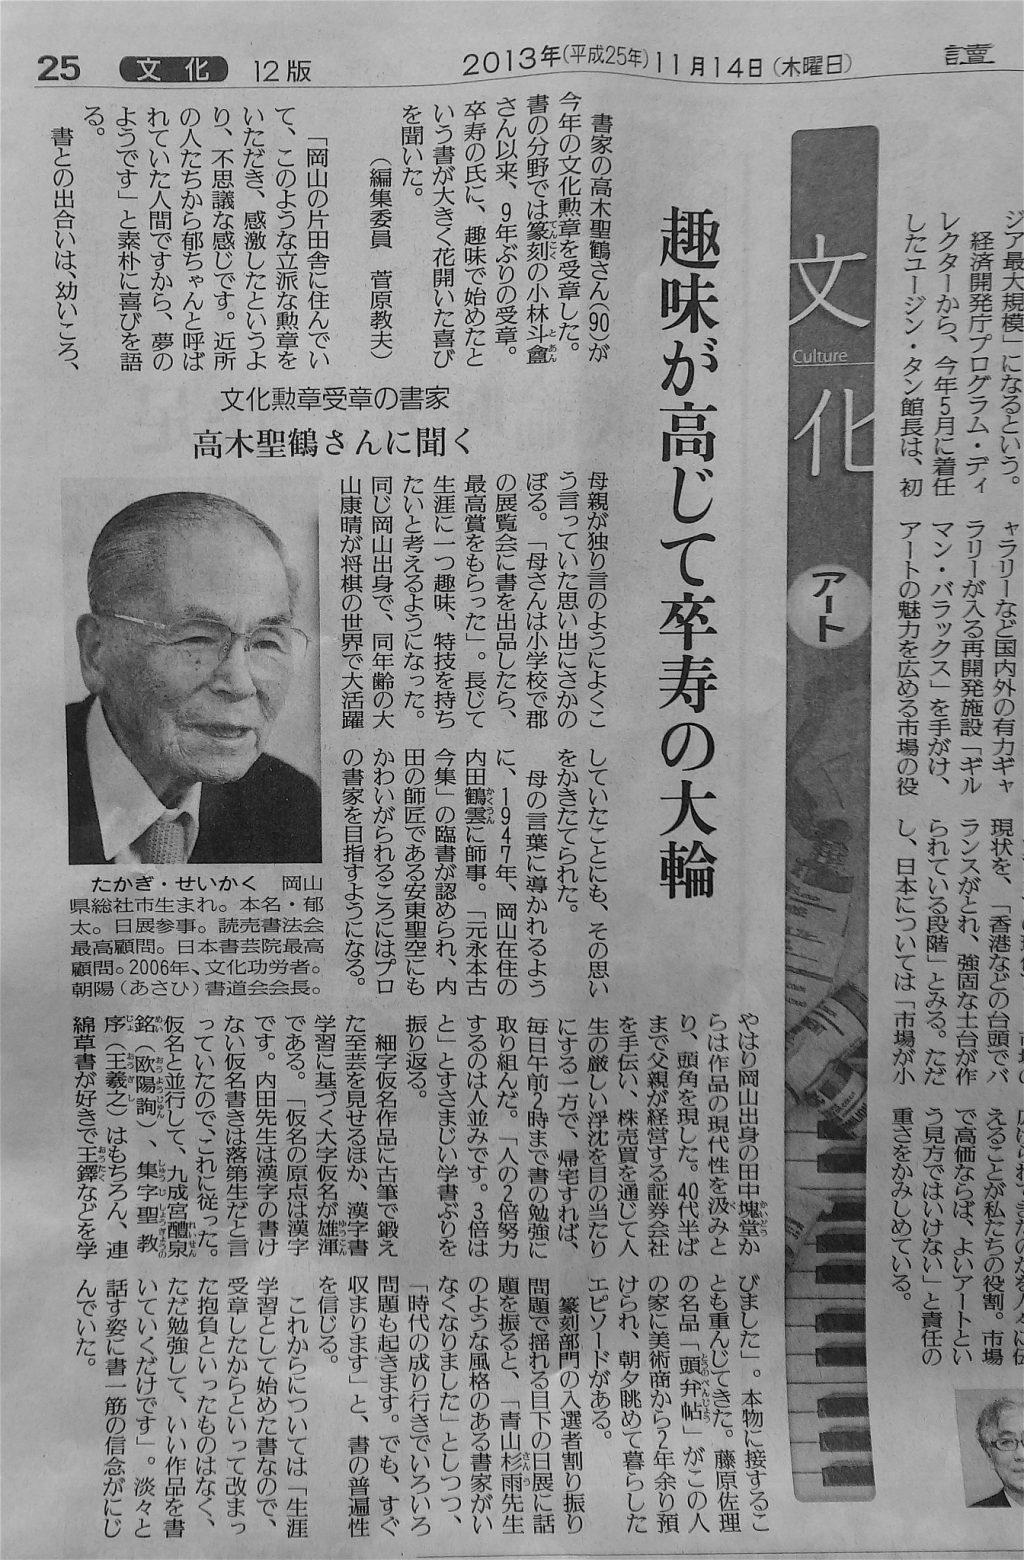 2013年11月14日 読売新聞文化面、編集委員 菅原教夫